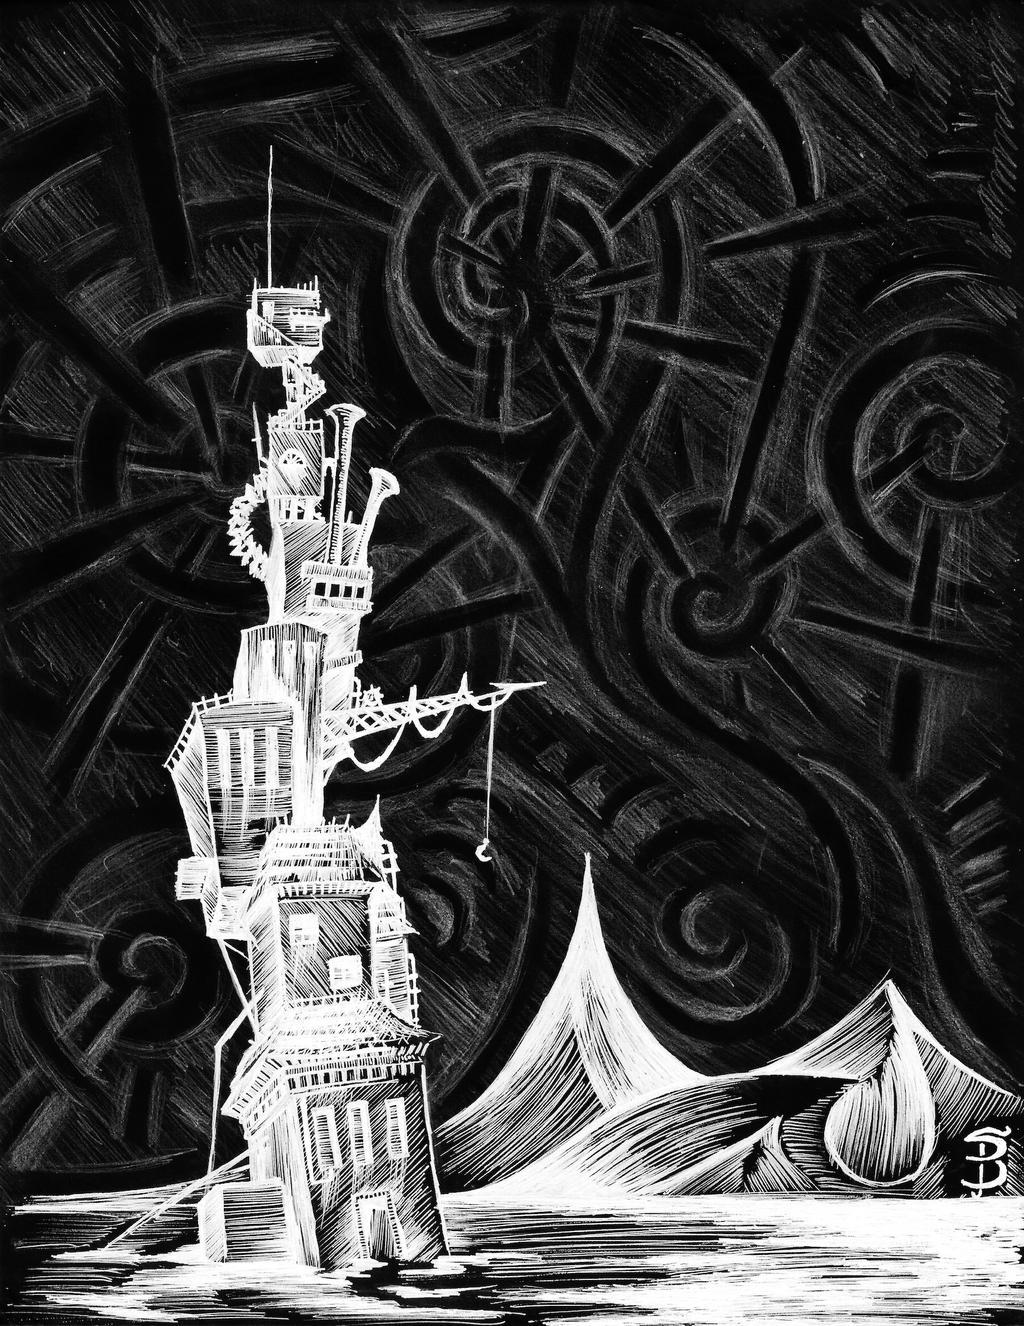 Invertum by SkylerBrown